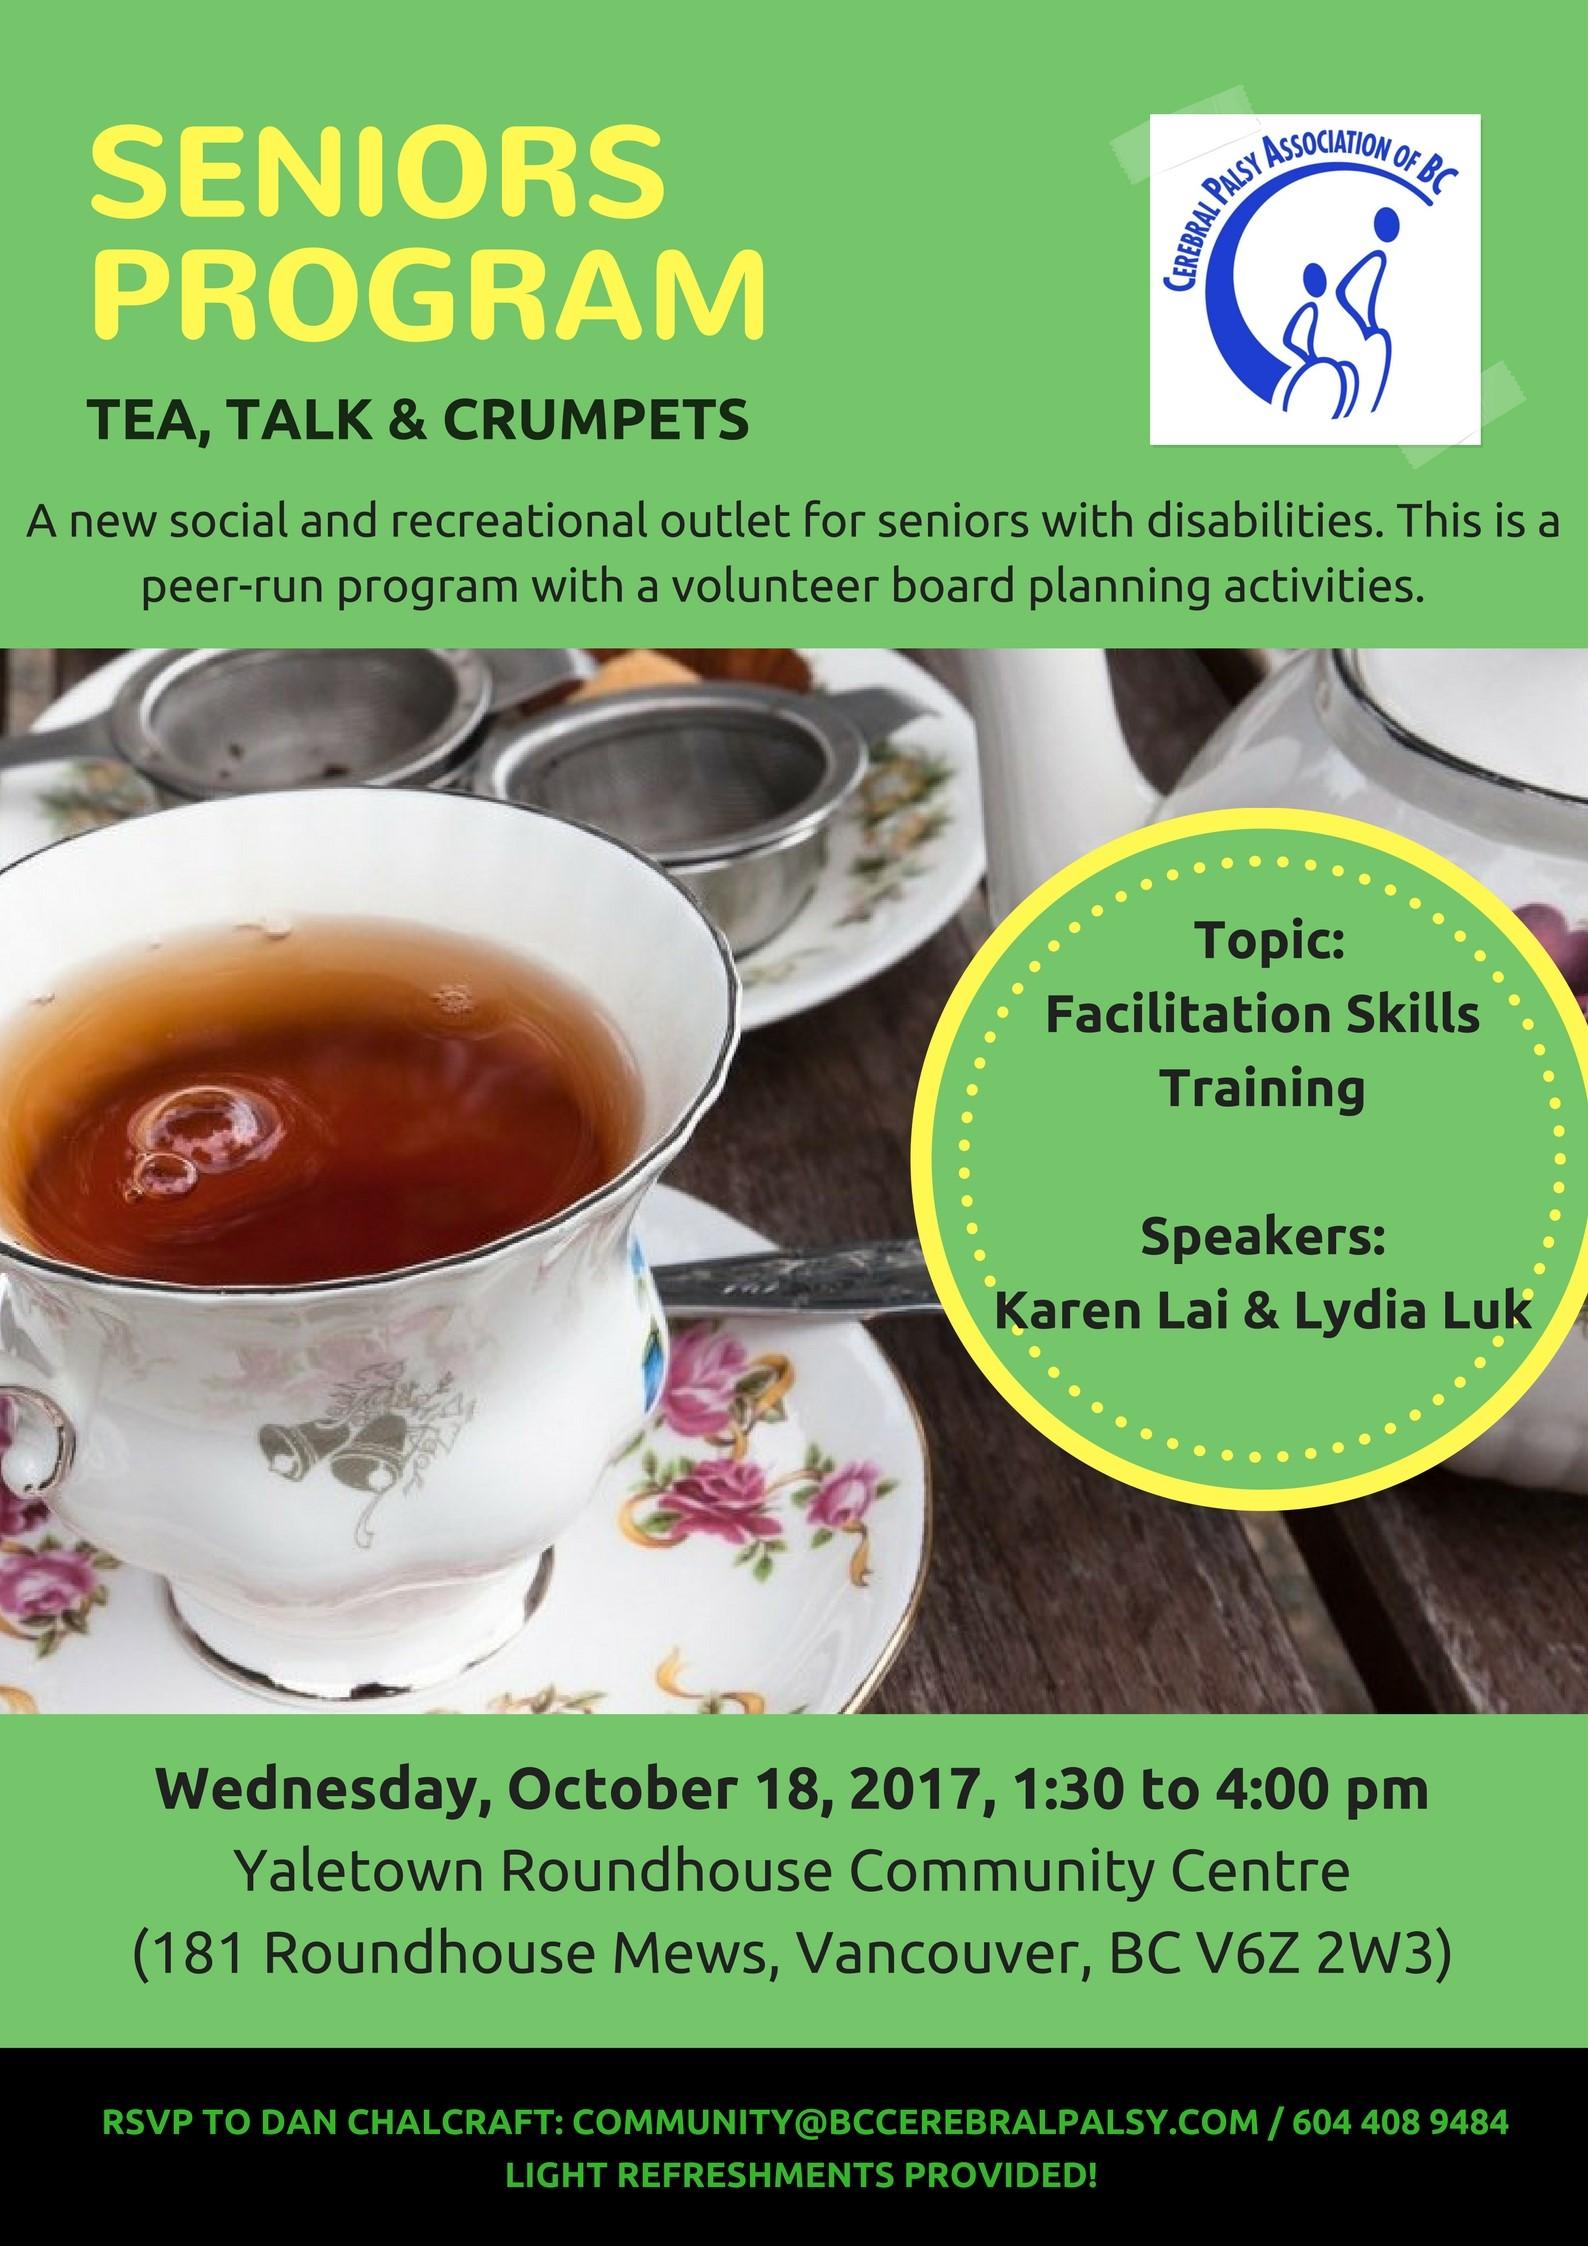 tea, talk, & crumpets-October 18, 2017